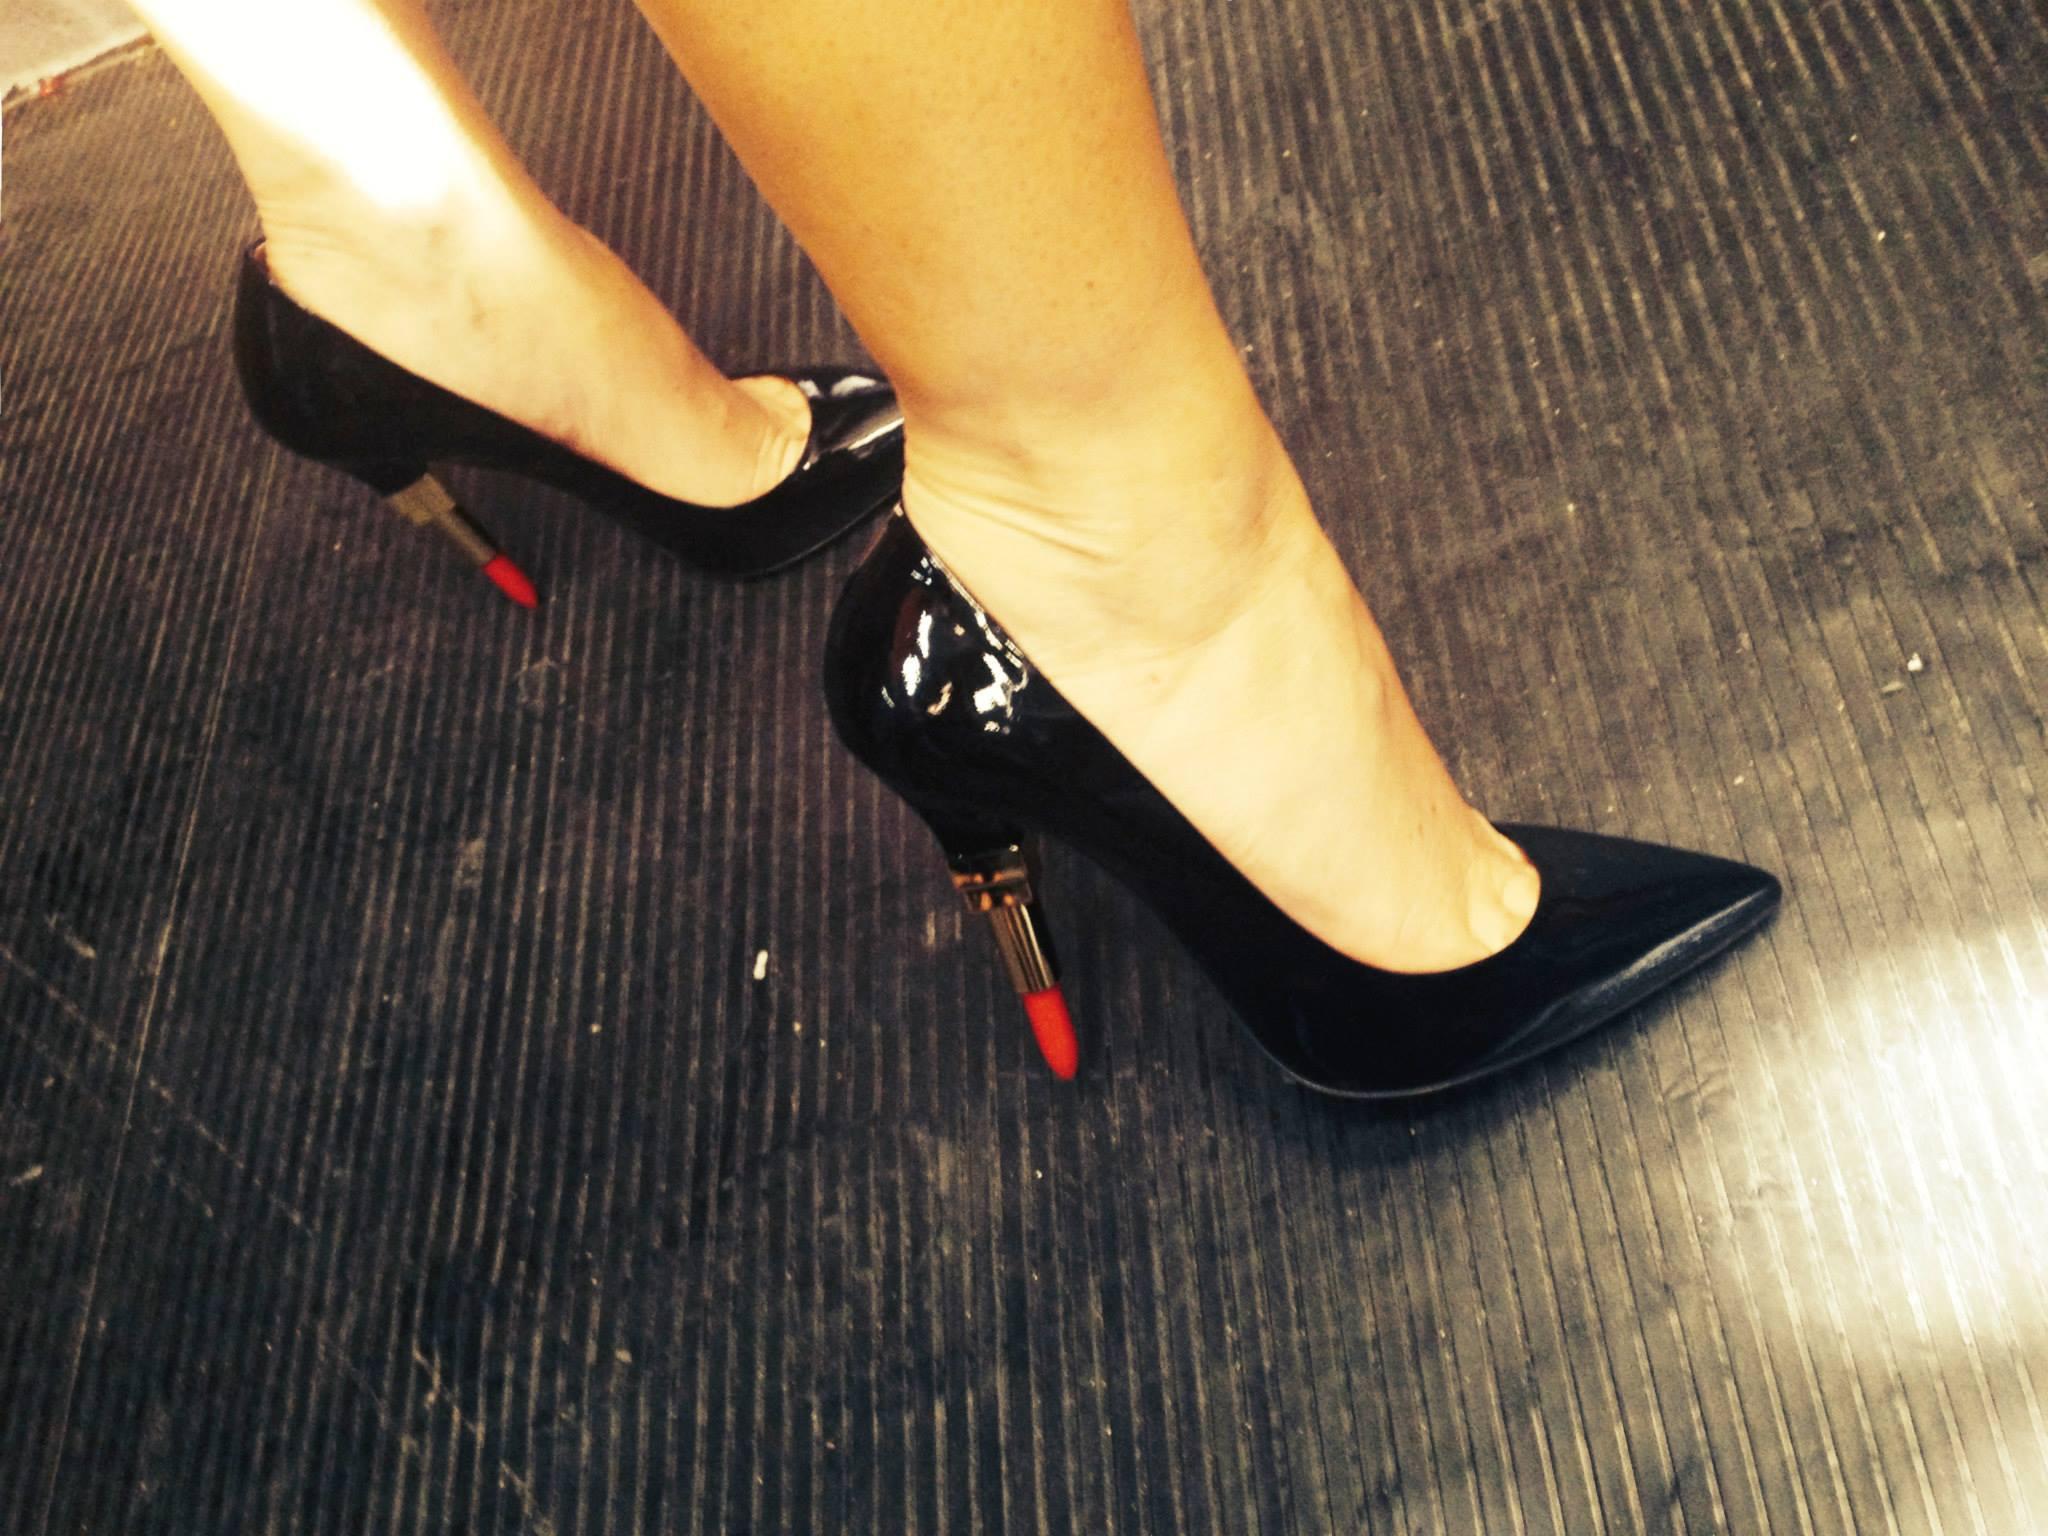 Laura Pausini indossa scarpe con tacco a forma di rossetto (FOTO)